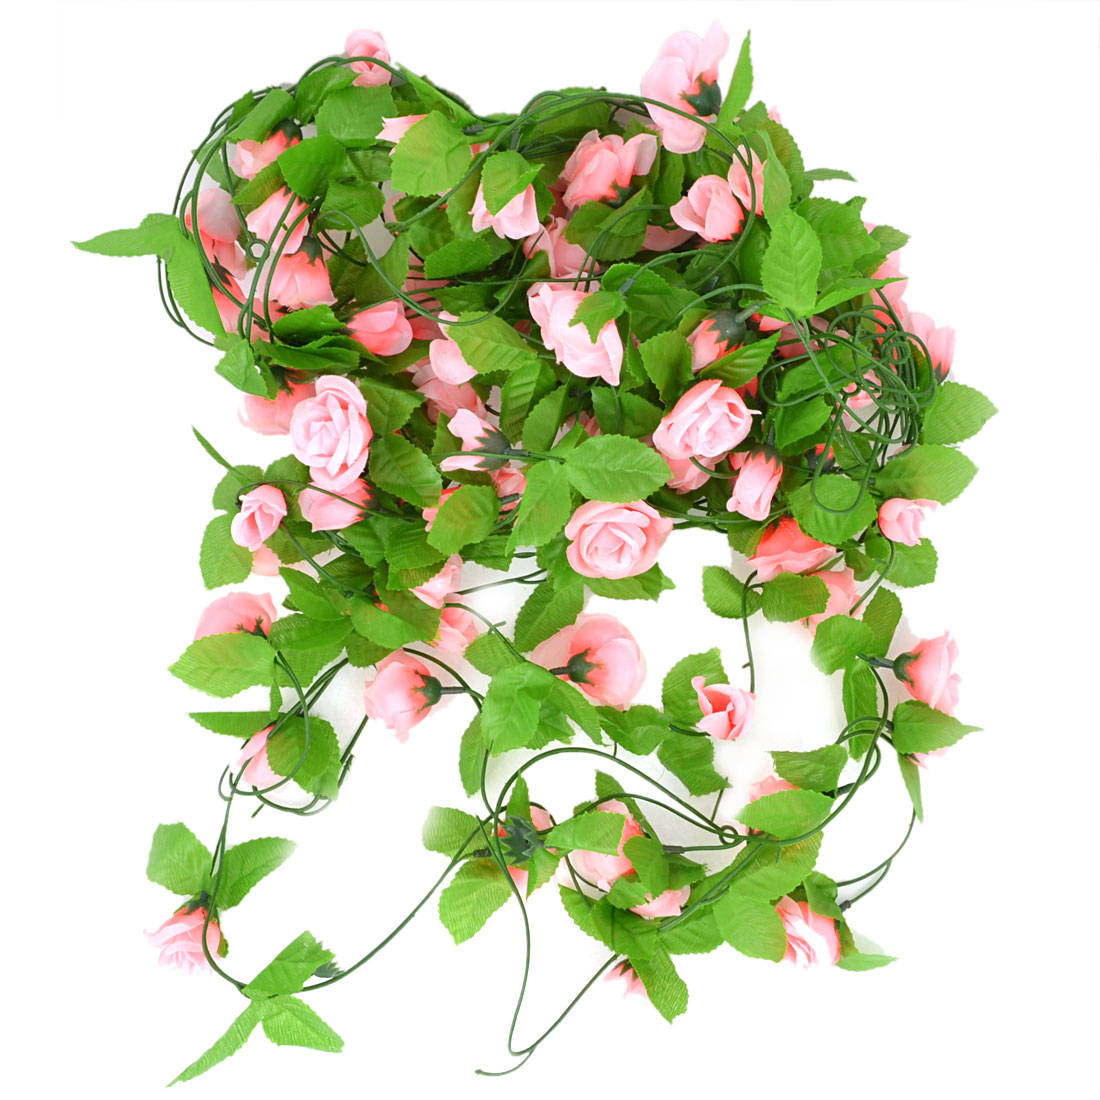 8.2Ft Long Artificial Simulation Pink Flower Green Leaf Hanging Vine 5 Pcs